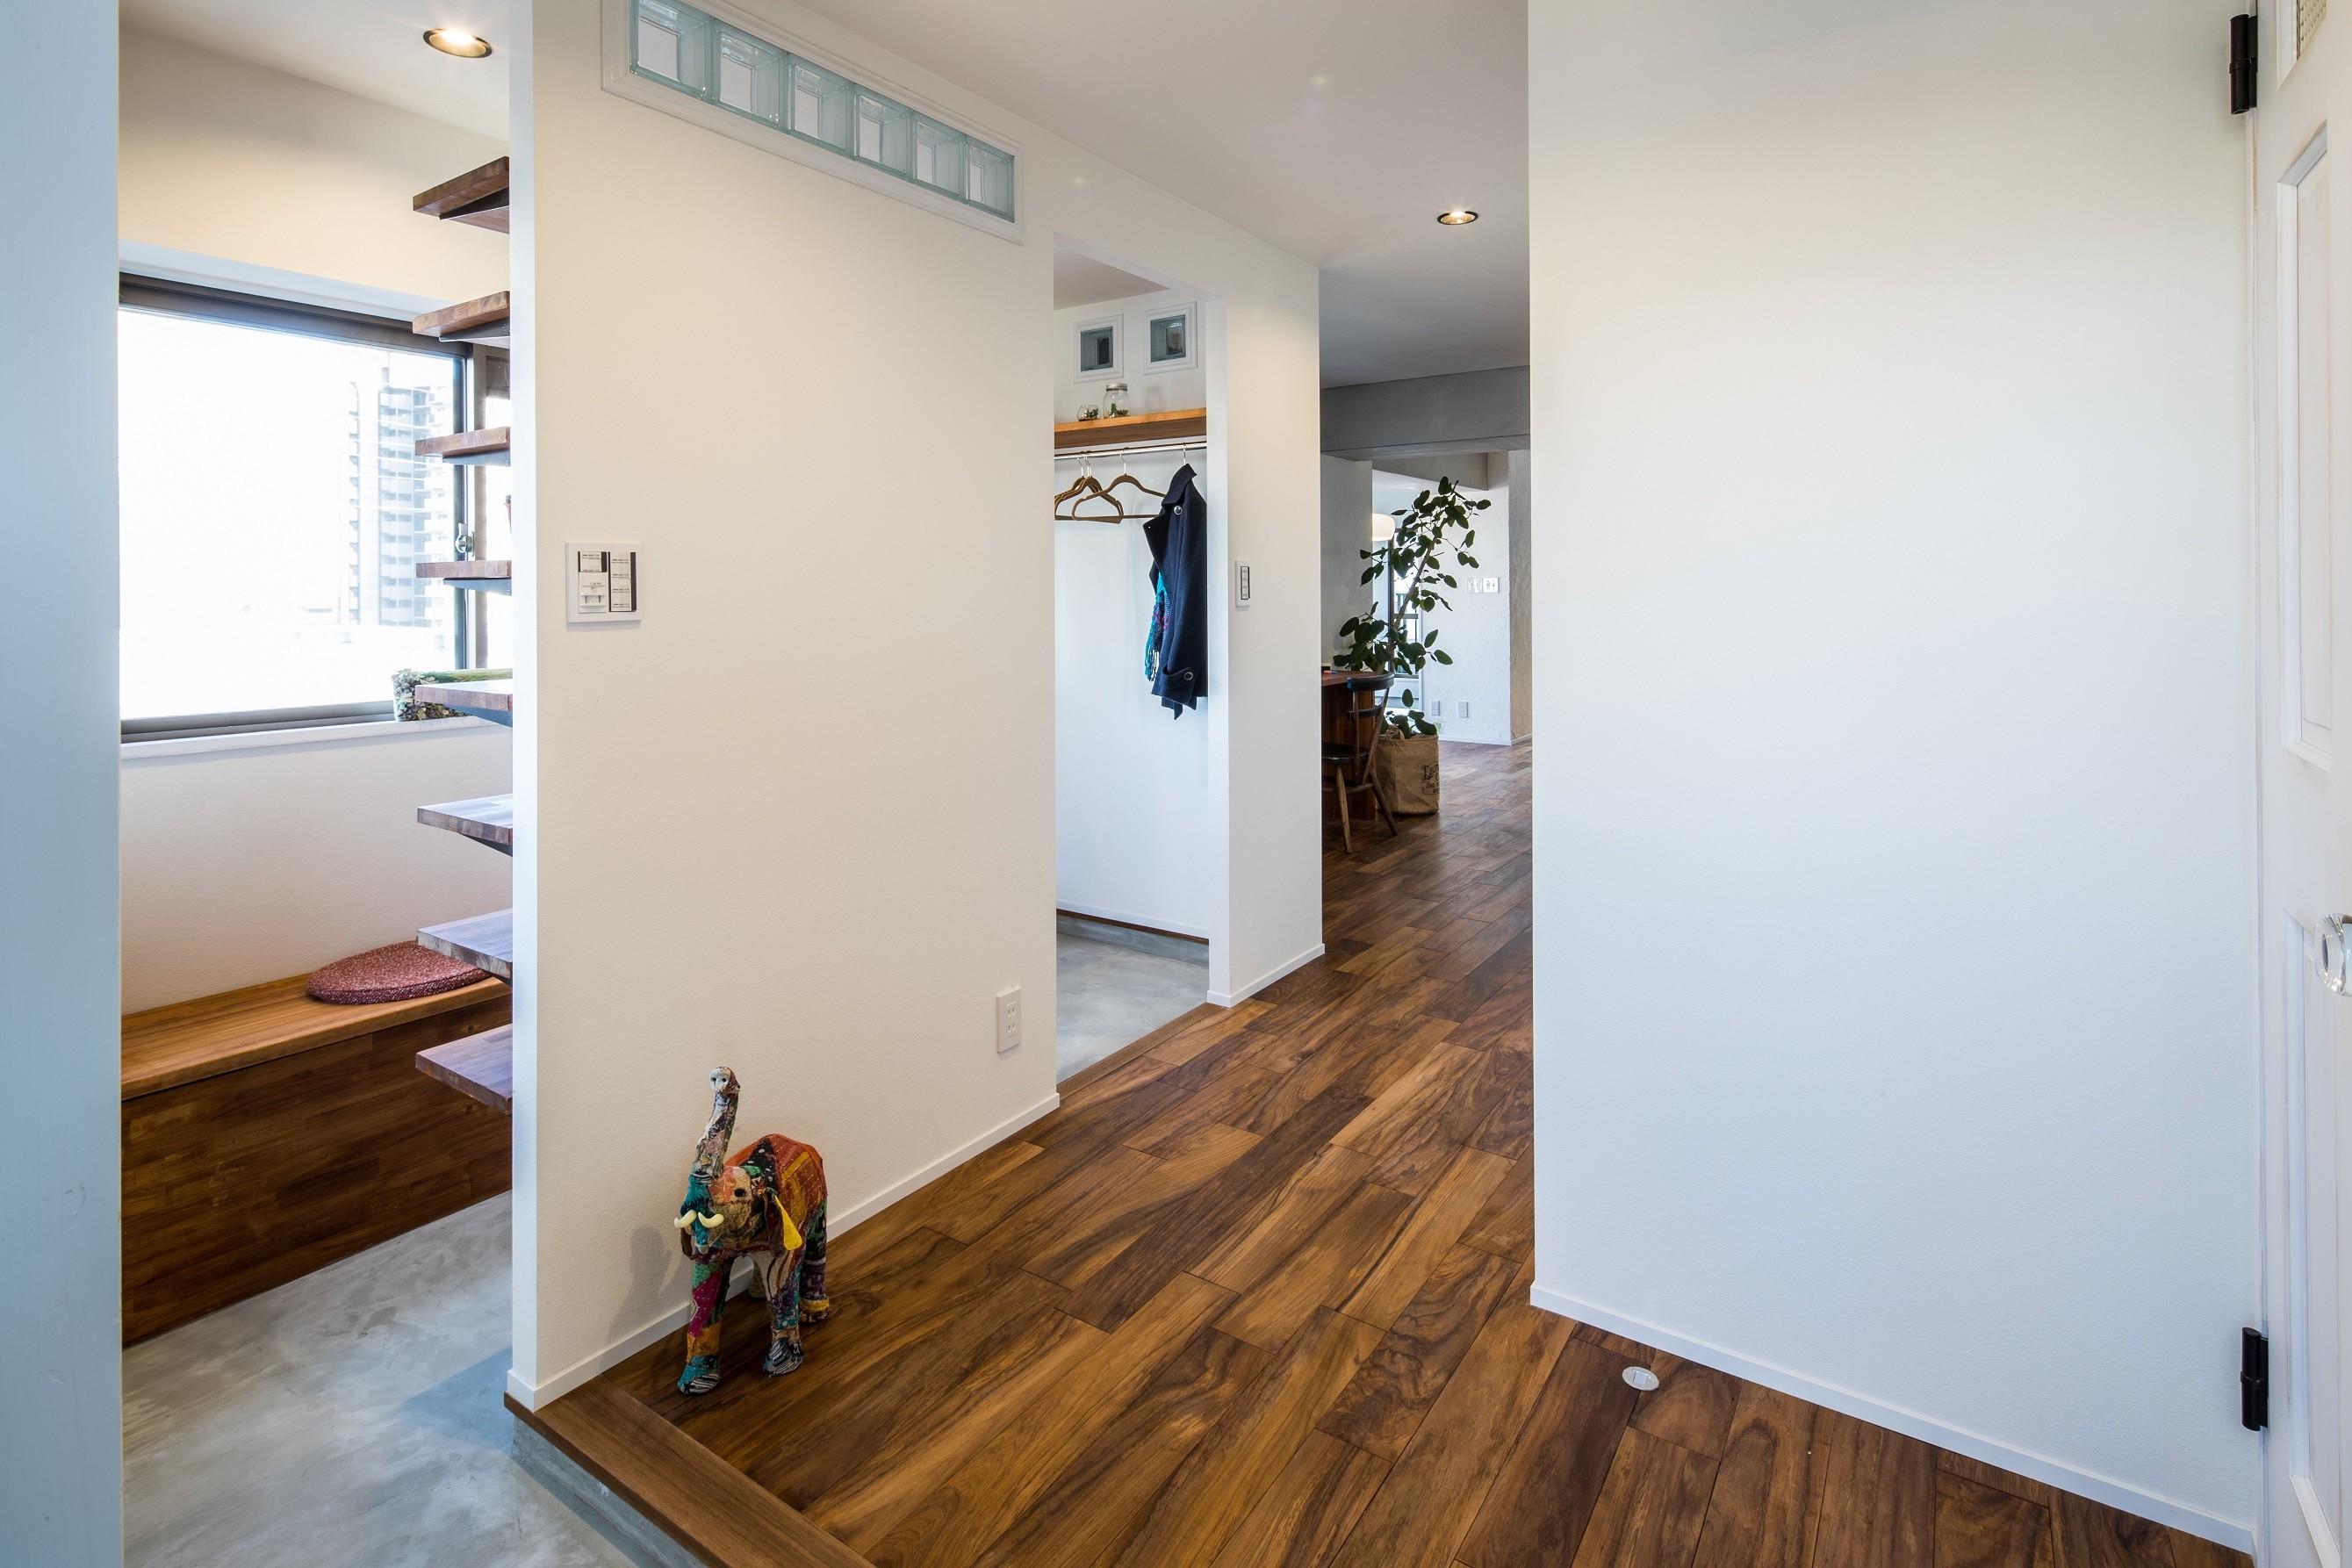 玄関事例:家族が行き来できる土間スペースのある玄関(アウトドアリビングの暮らしを楽しめる家)